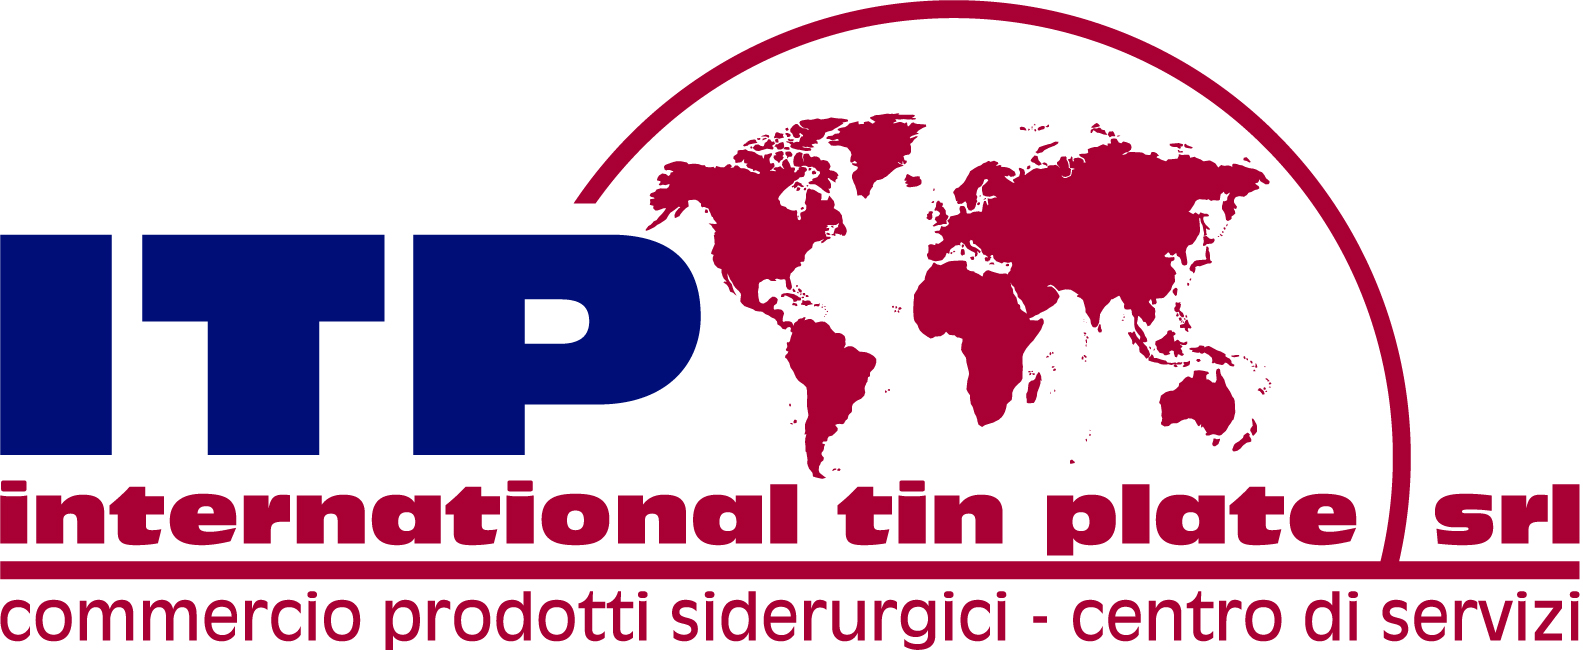 Exhibitor i t p srl international tin plate metpack for Four decor international srl